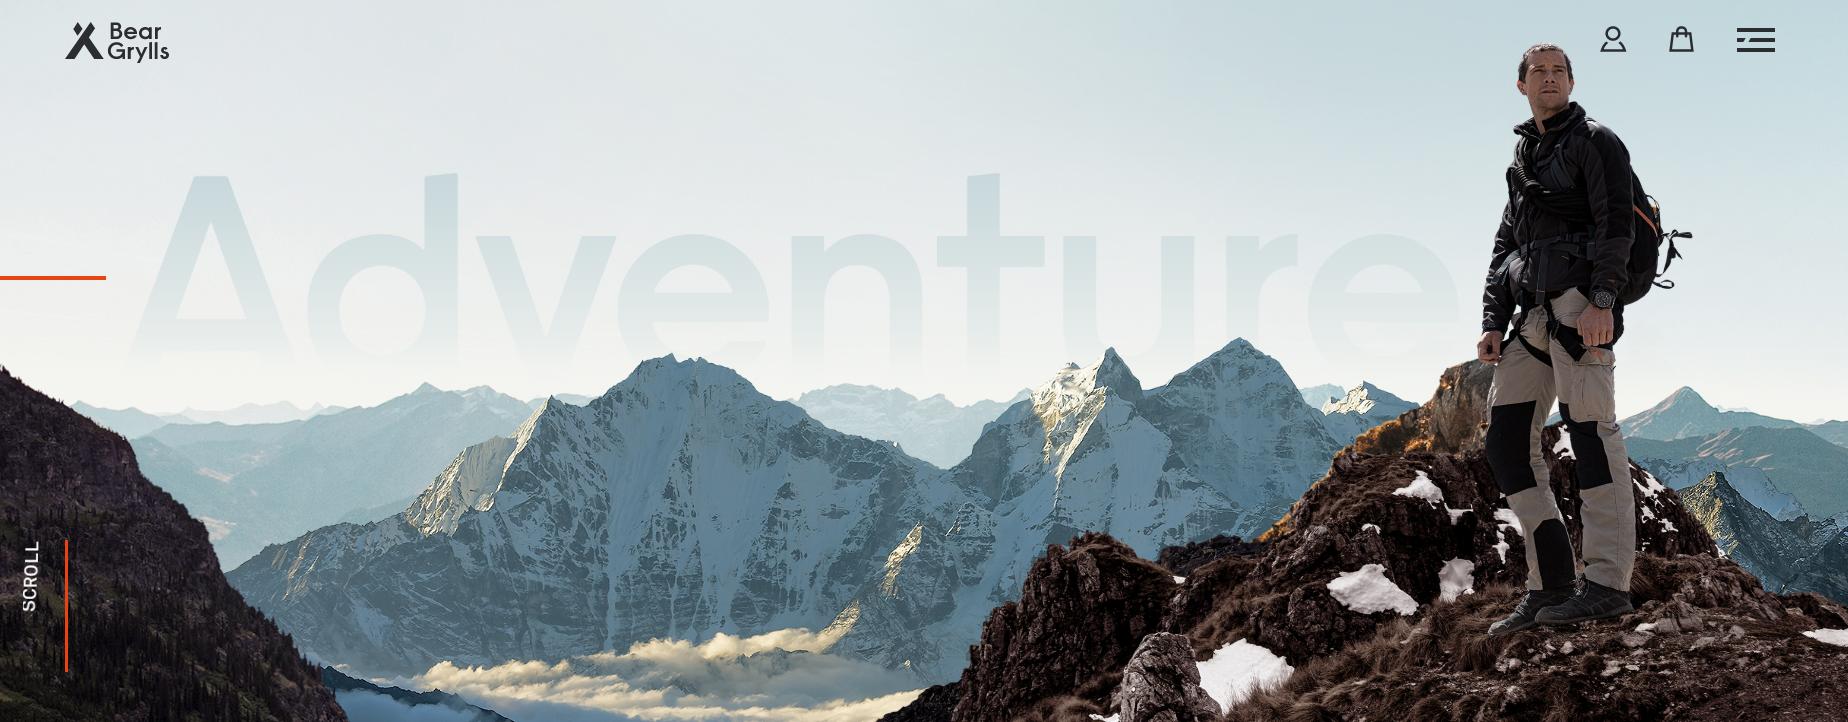 Bear Grylls- Best Motivational Speaker